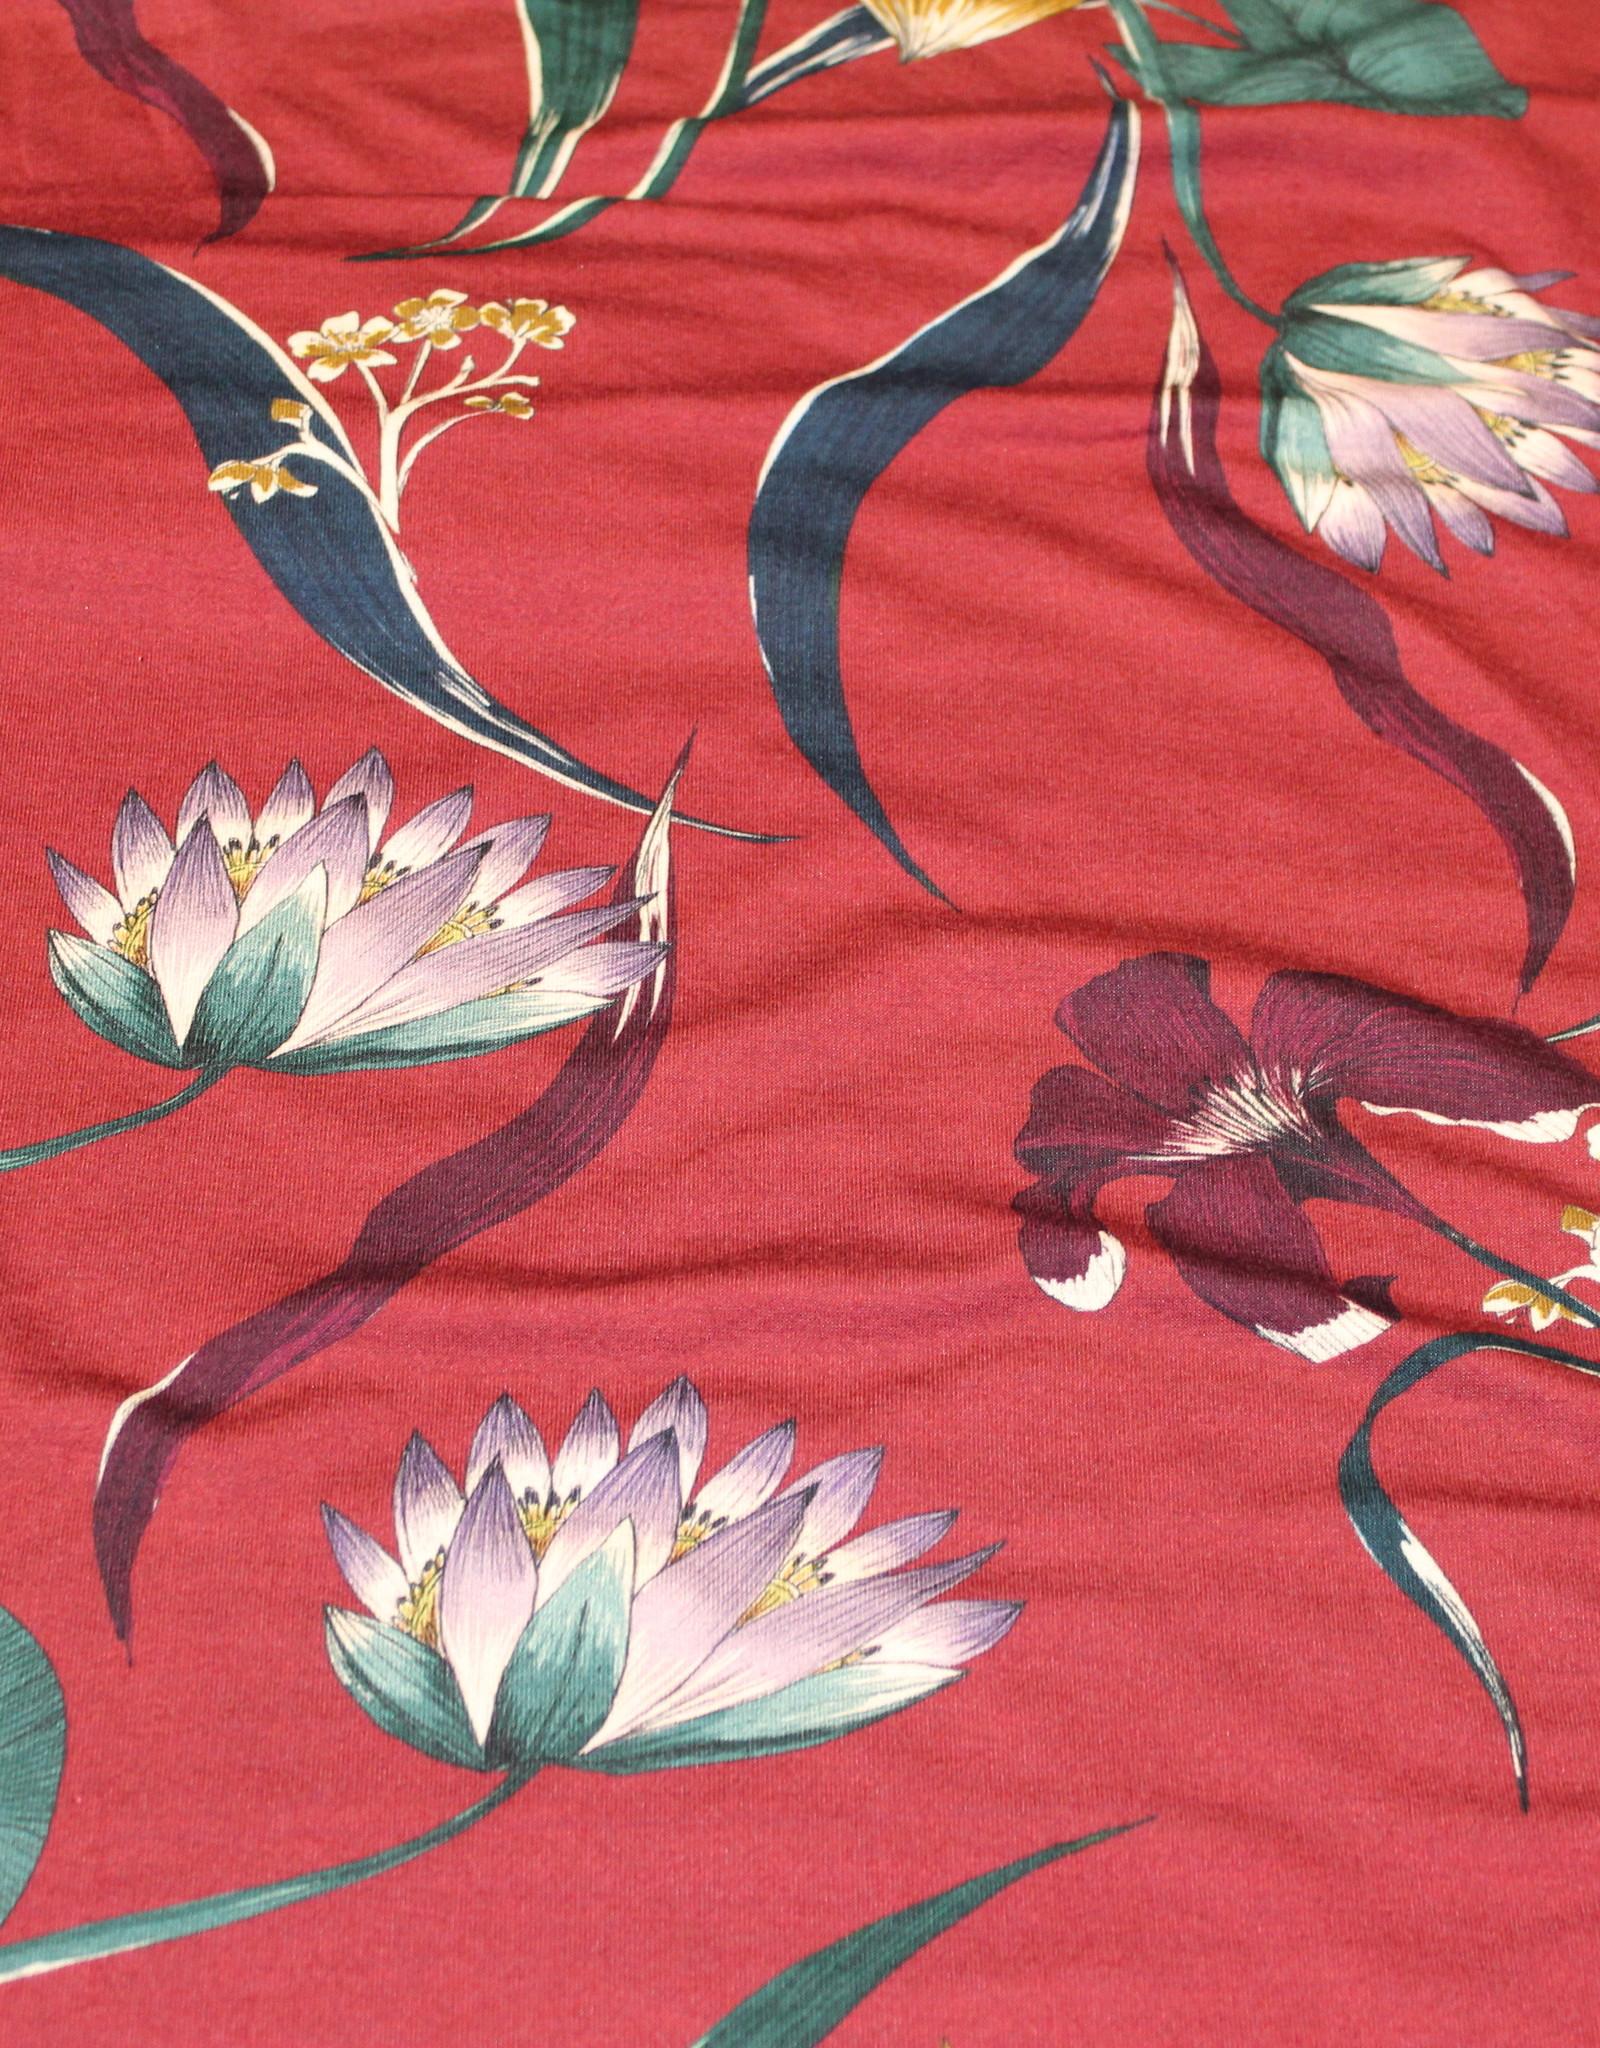 Viscosejersey bordeau met grote bloemen